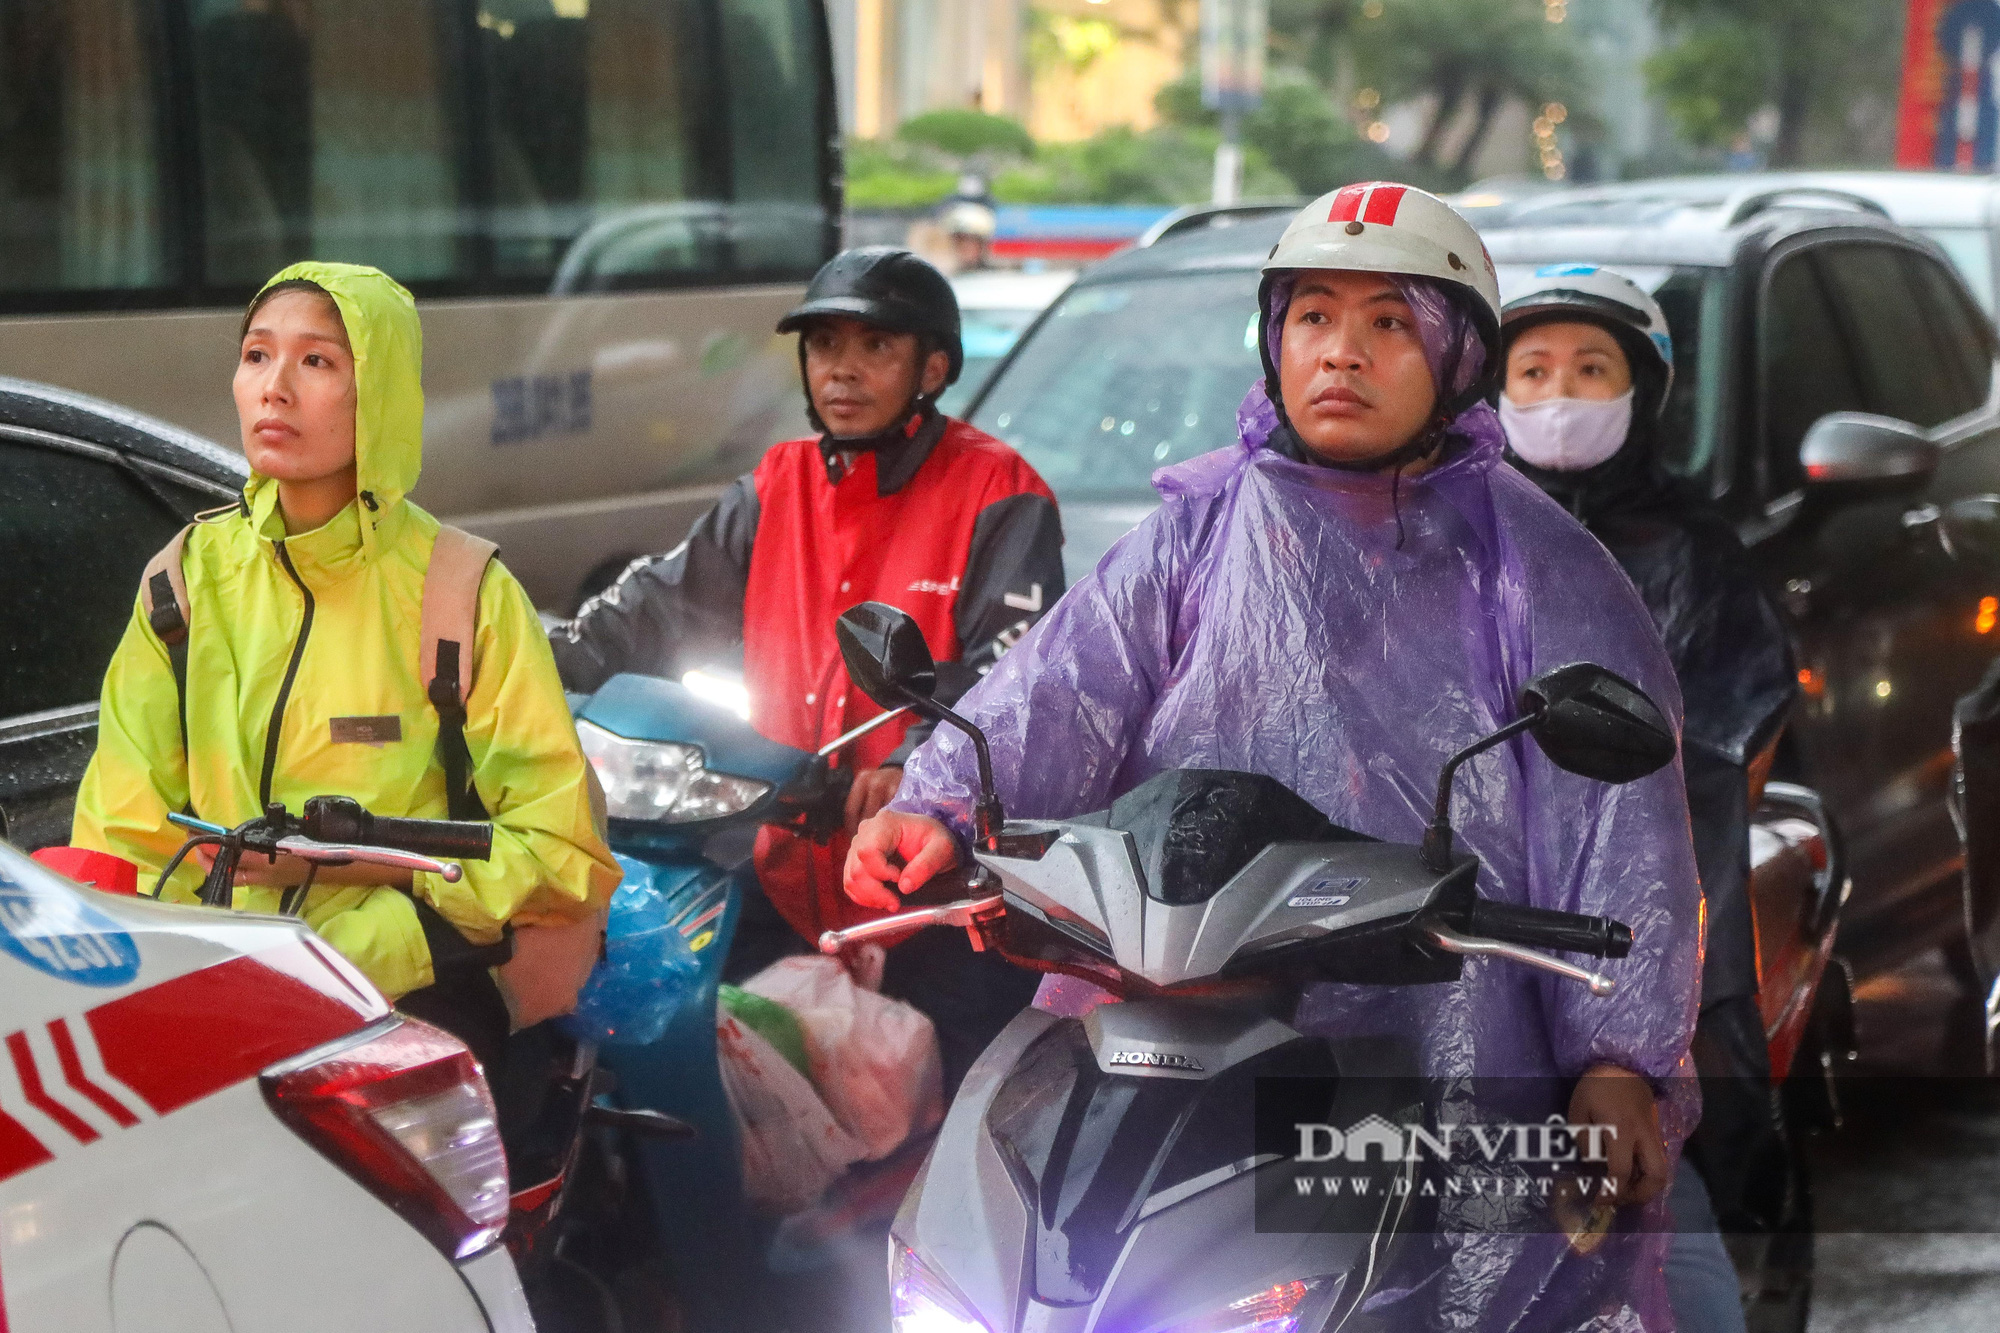 """Hà Nội: Tăng mức phạt gấp 10 lần, người dân vẫn """"quên"""" khẩu trang - Ảnh 2."""